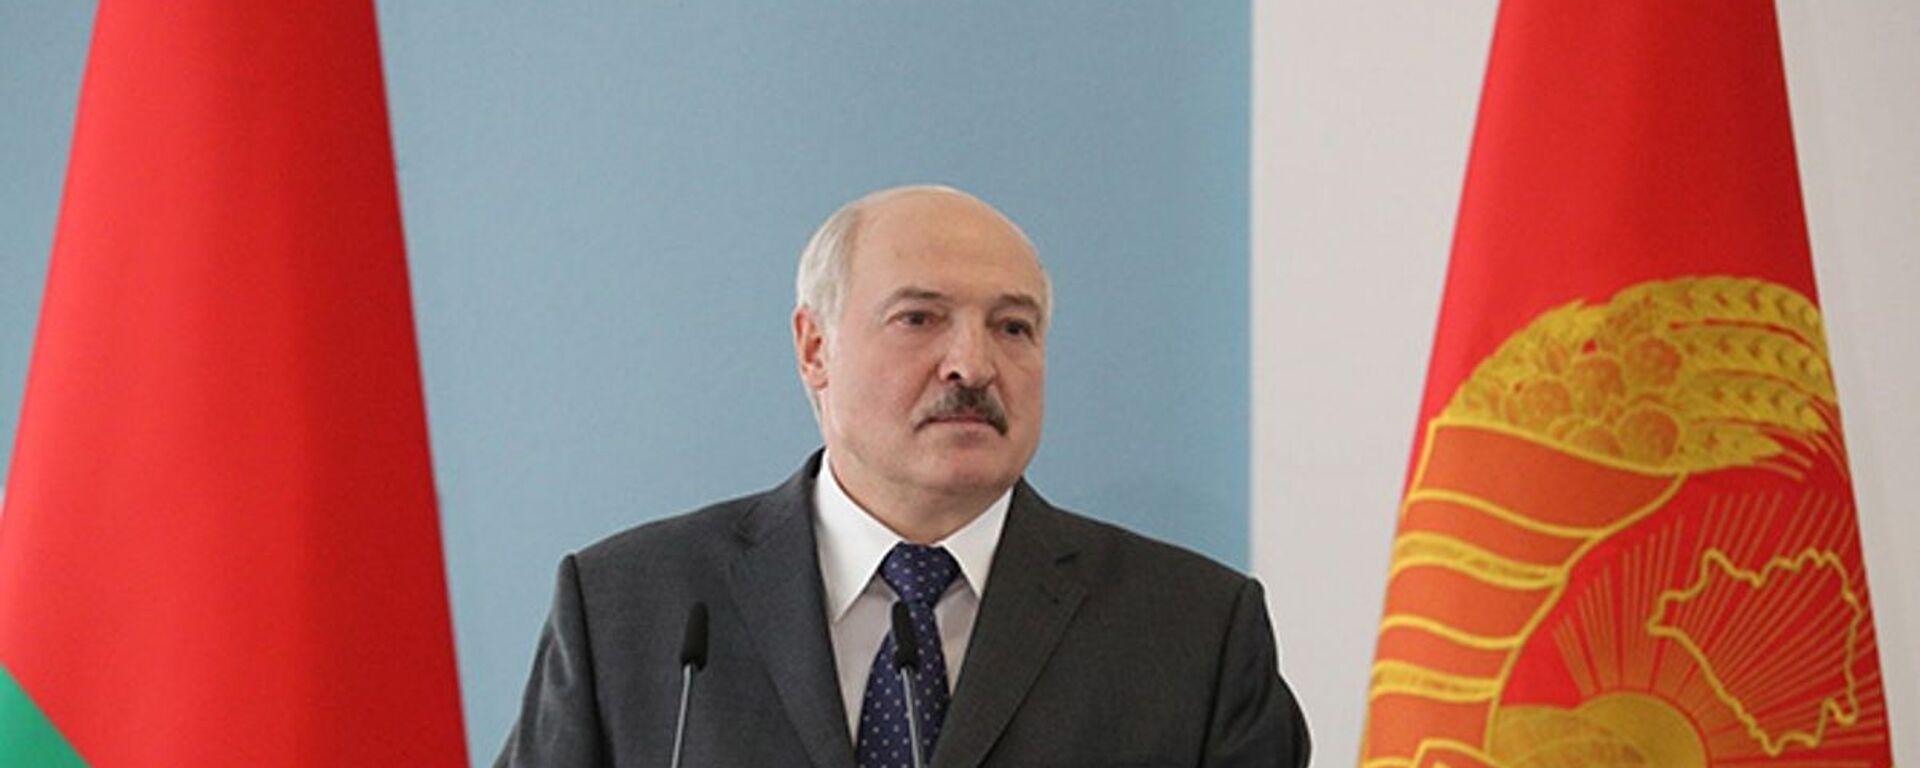 Běloruský prezident Alexandr Lukašenko - Sputnik Česká republika, 1920, 30.07.2021